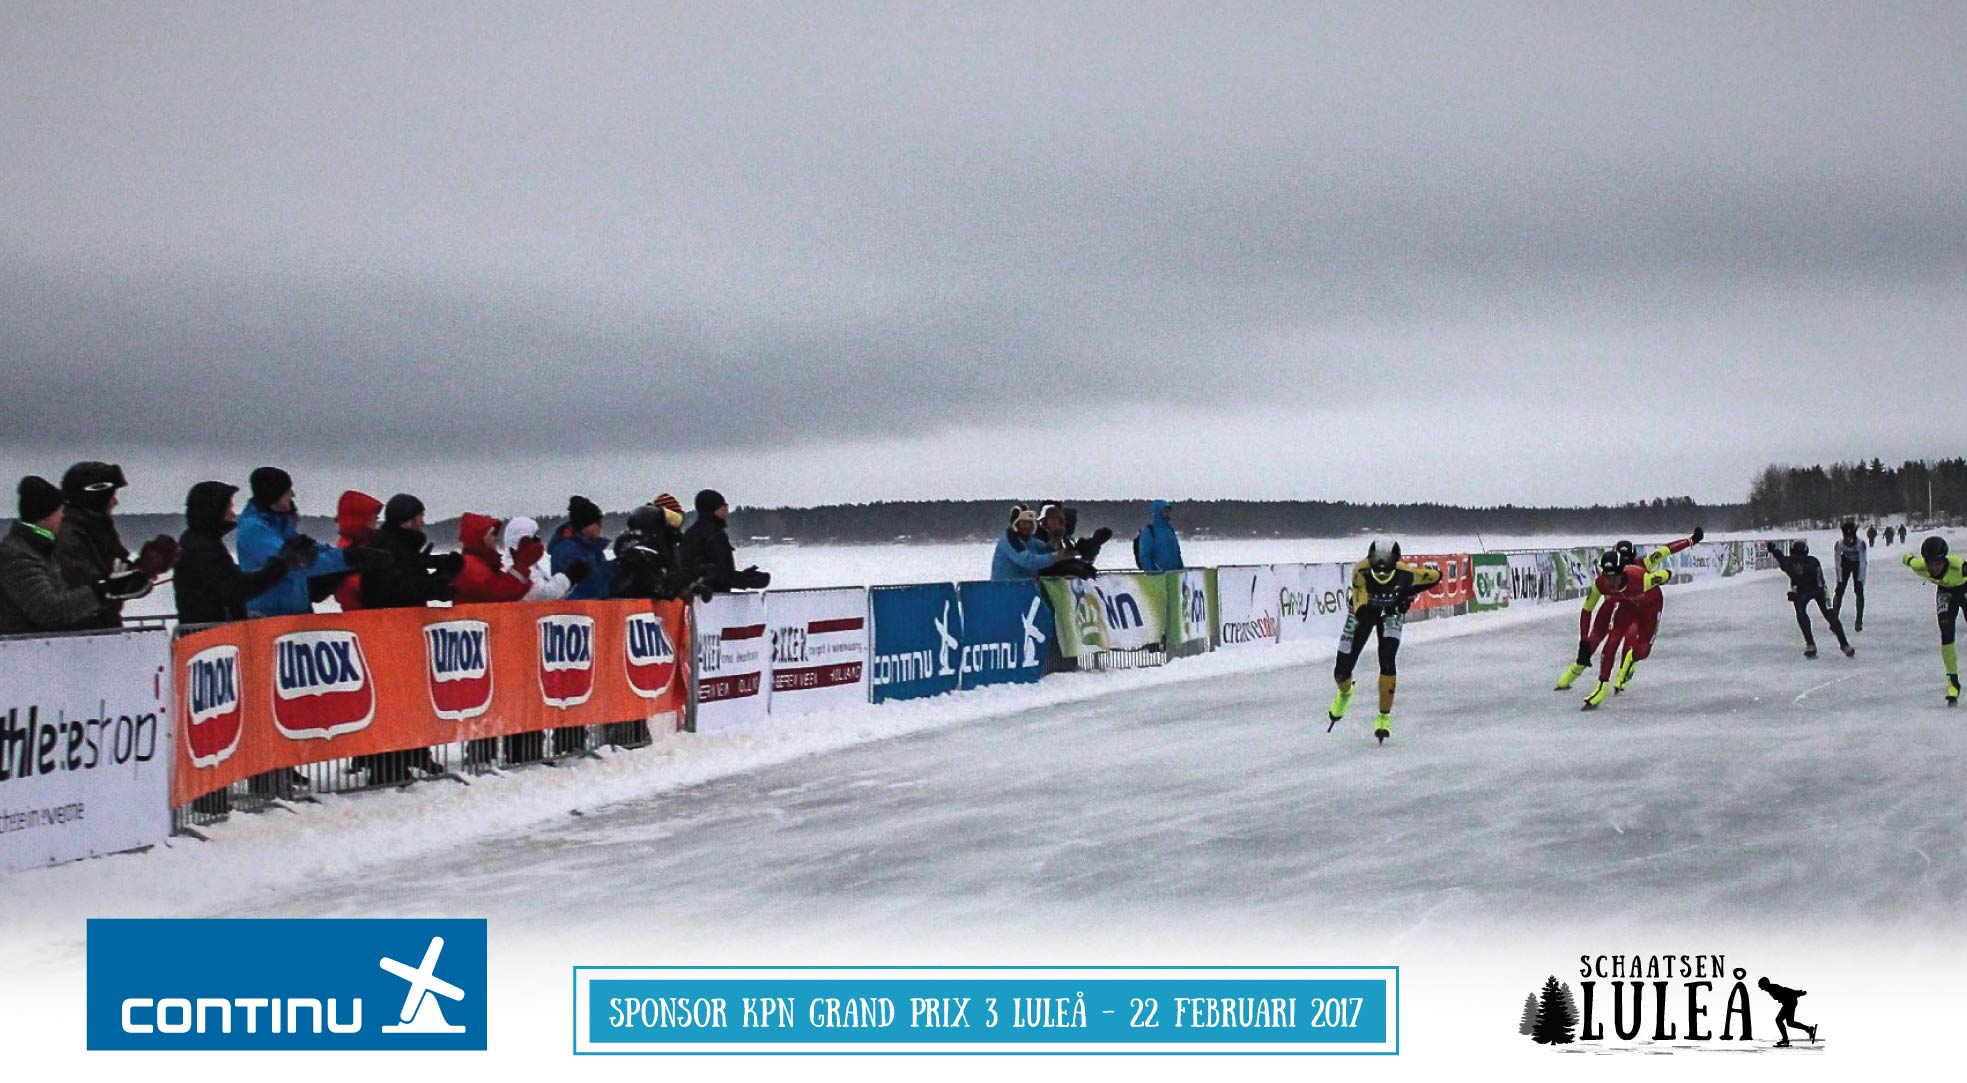 Continu-sponsor-schaatsen-lulea-zeeijs-zweeds-lapland